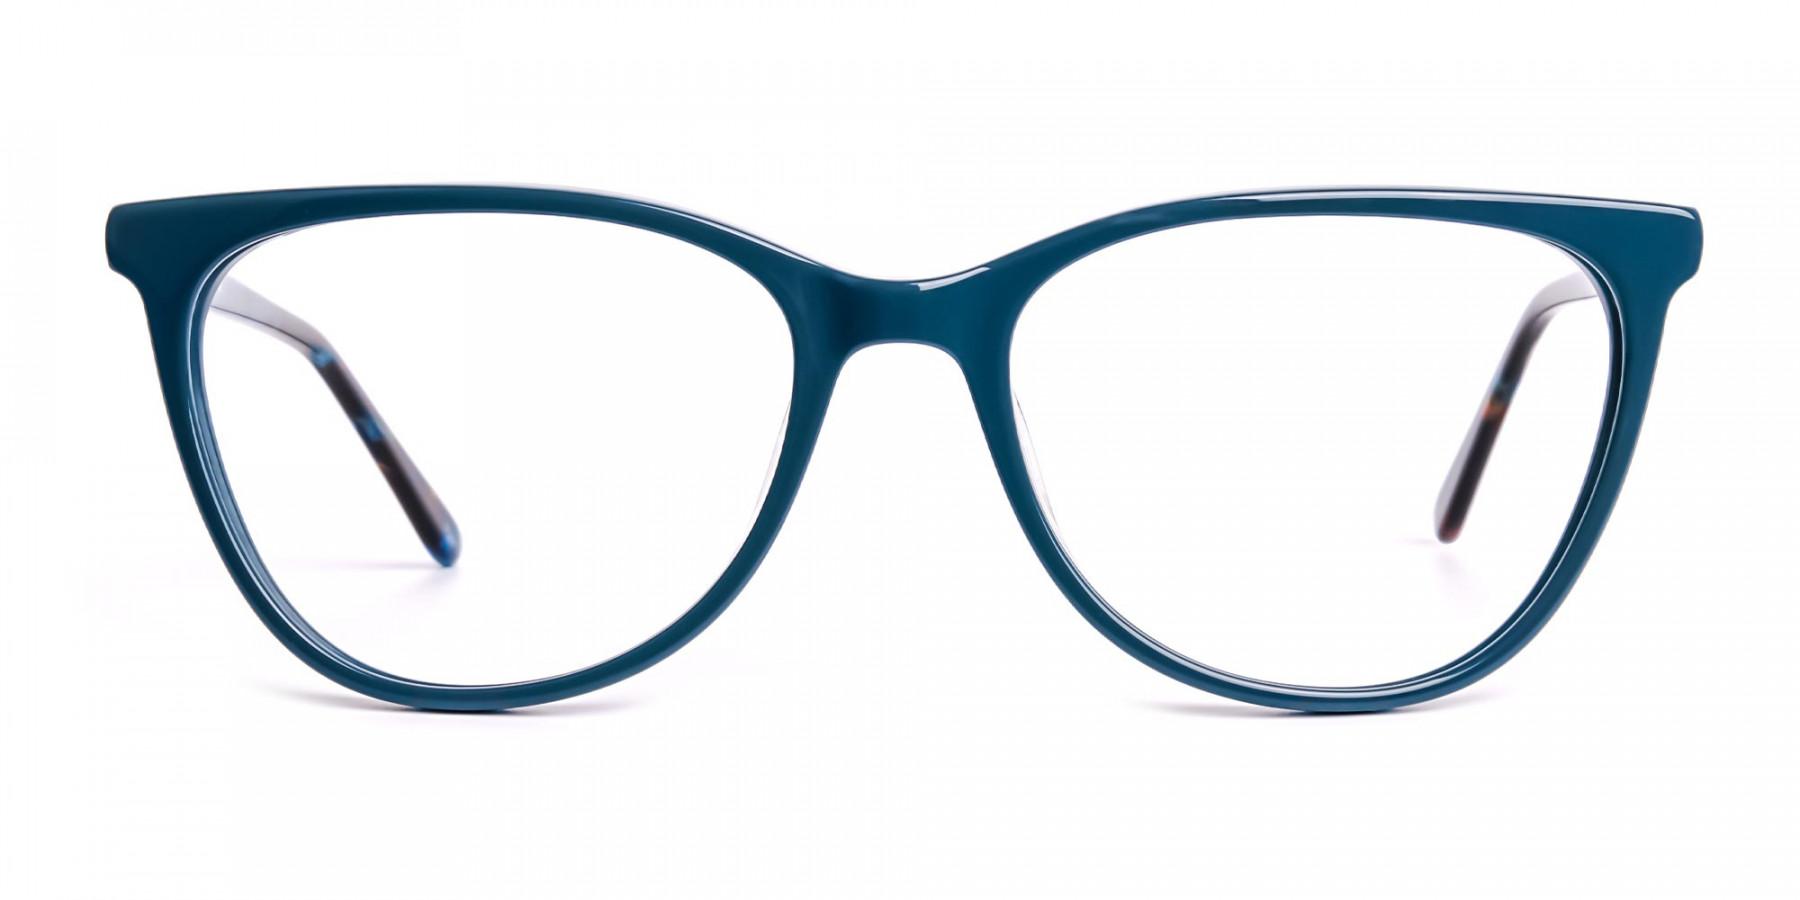 designer-teal-green-glasses-frames-1